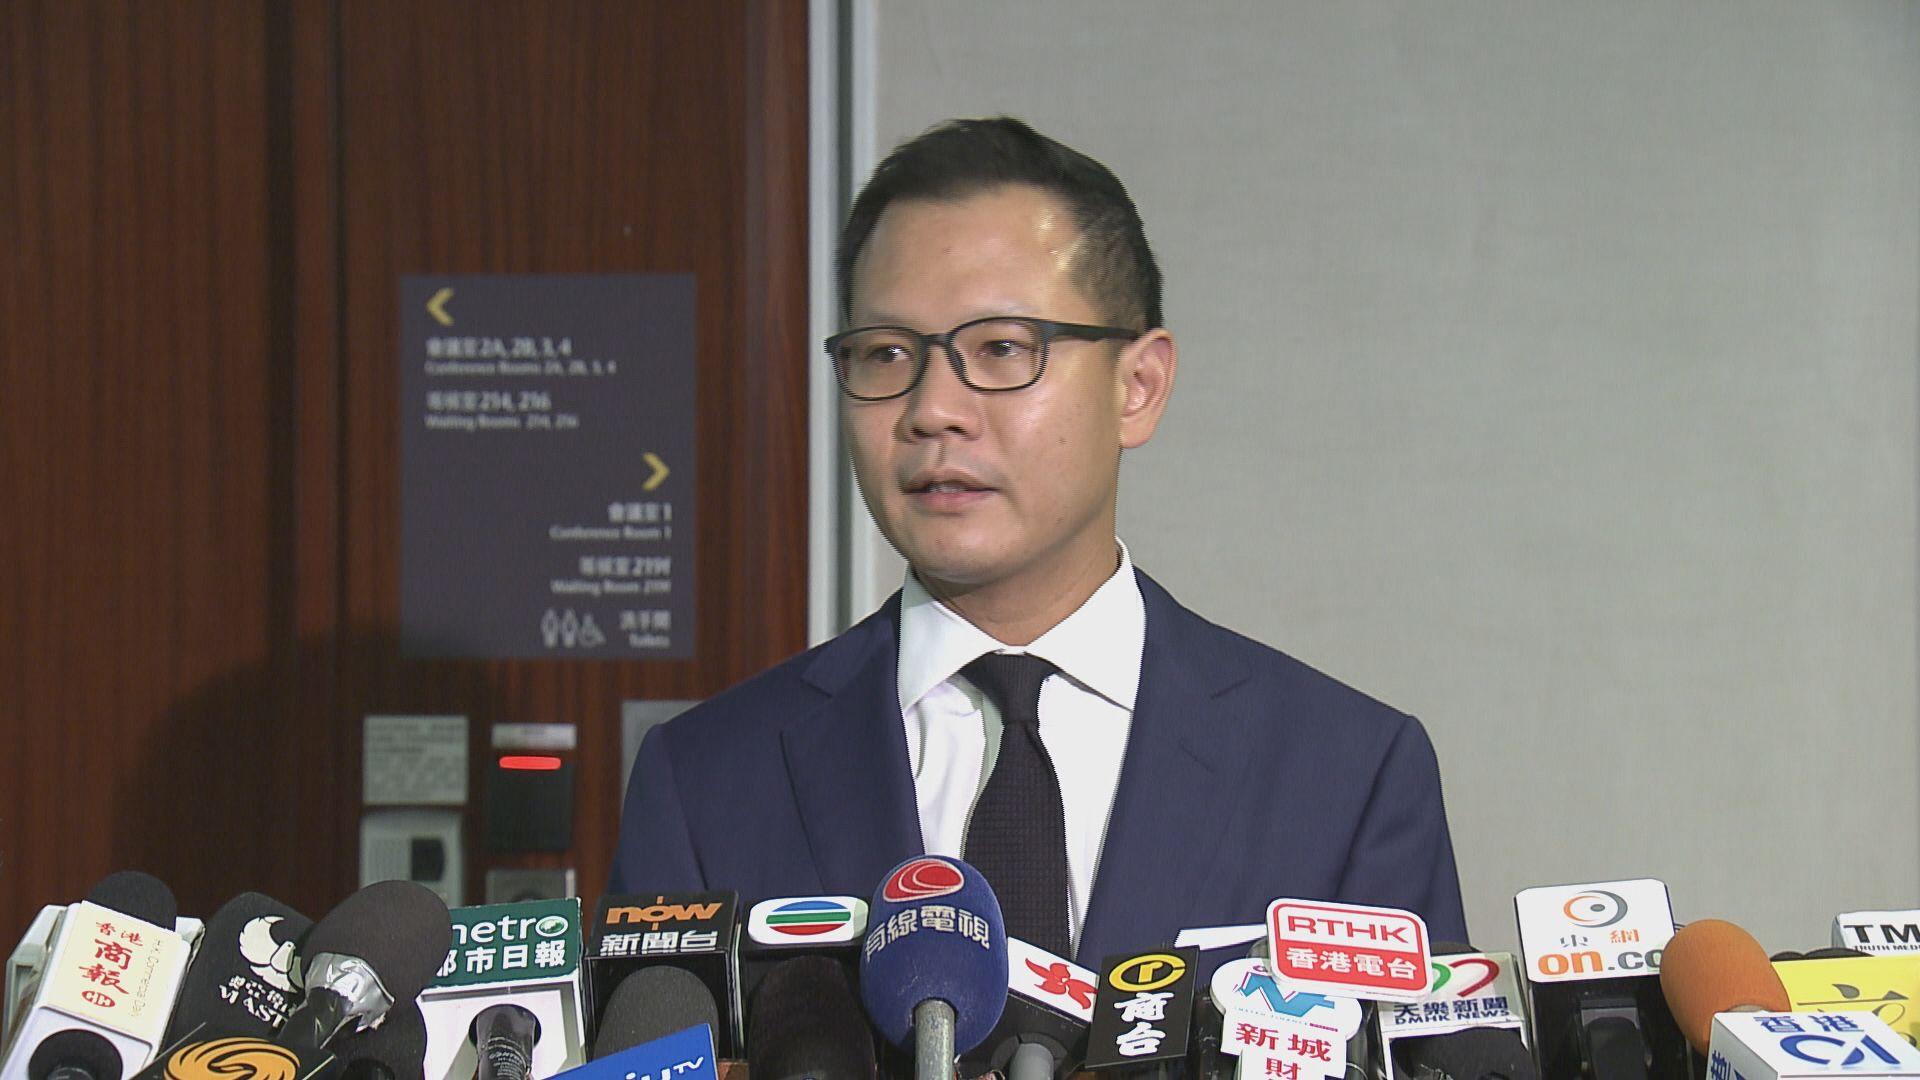 郭榮鏗:北大拒戴啟思訪問或與政治立場無關